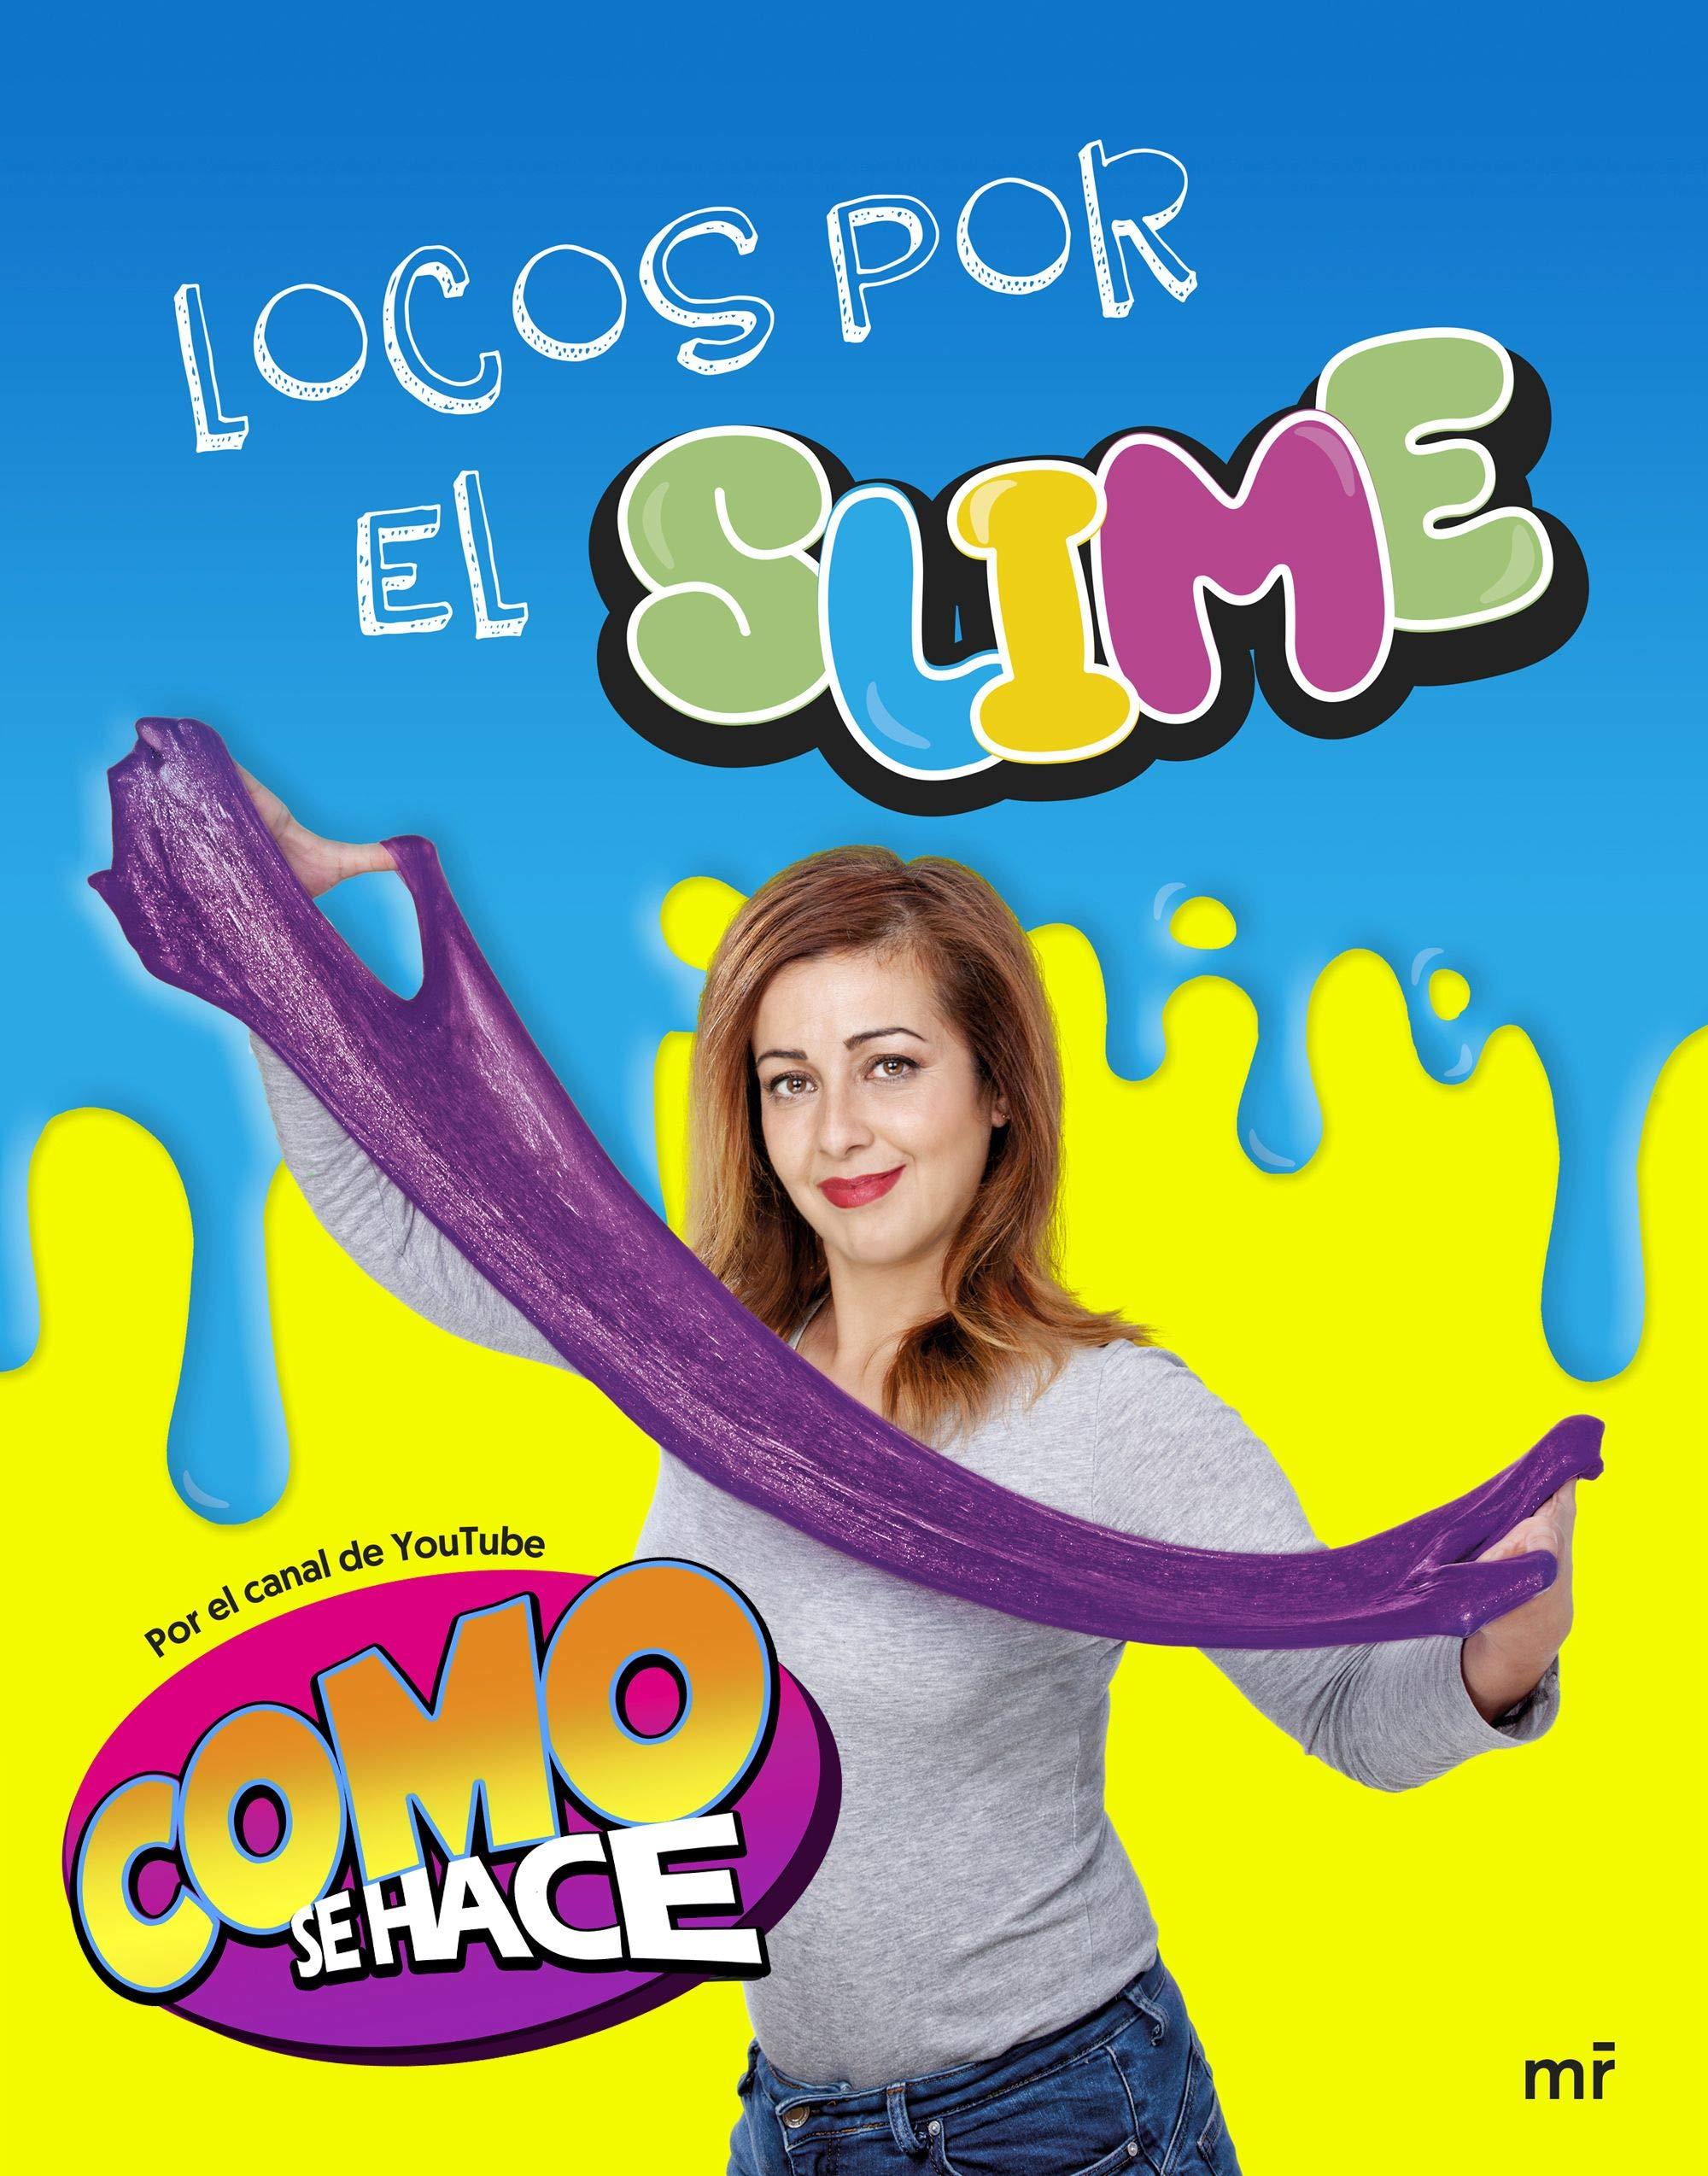 Locos por el slime: Como se hace (Fuera de Colección): Amazon.es: Cómo se  hace: Libros